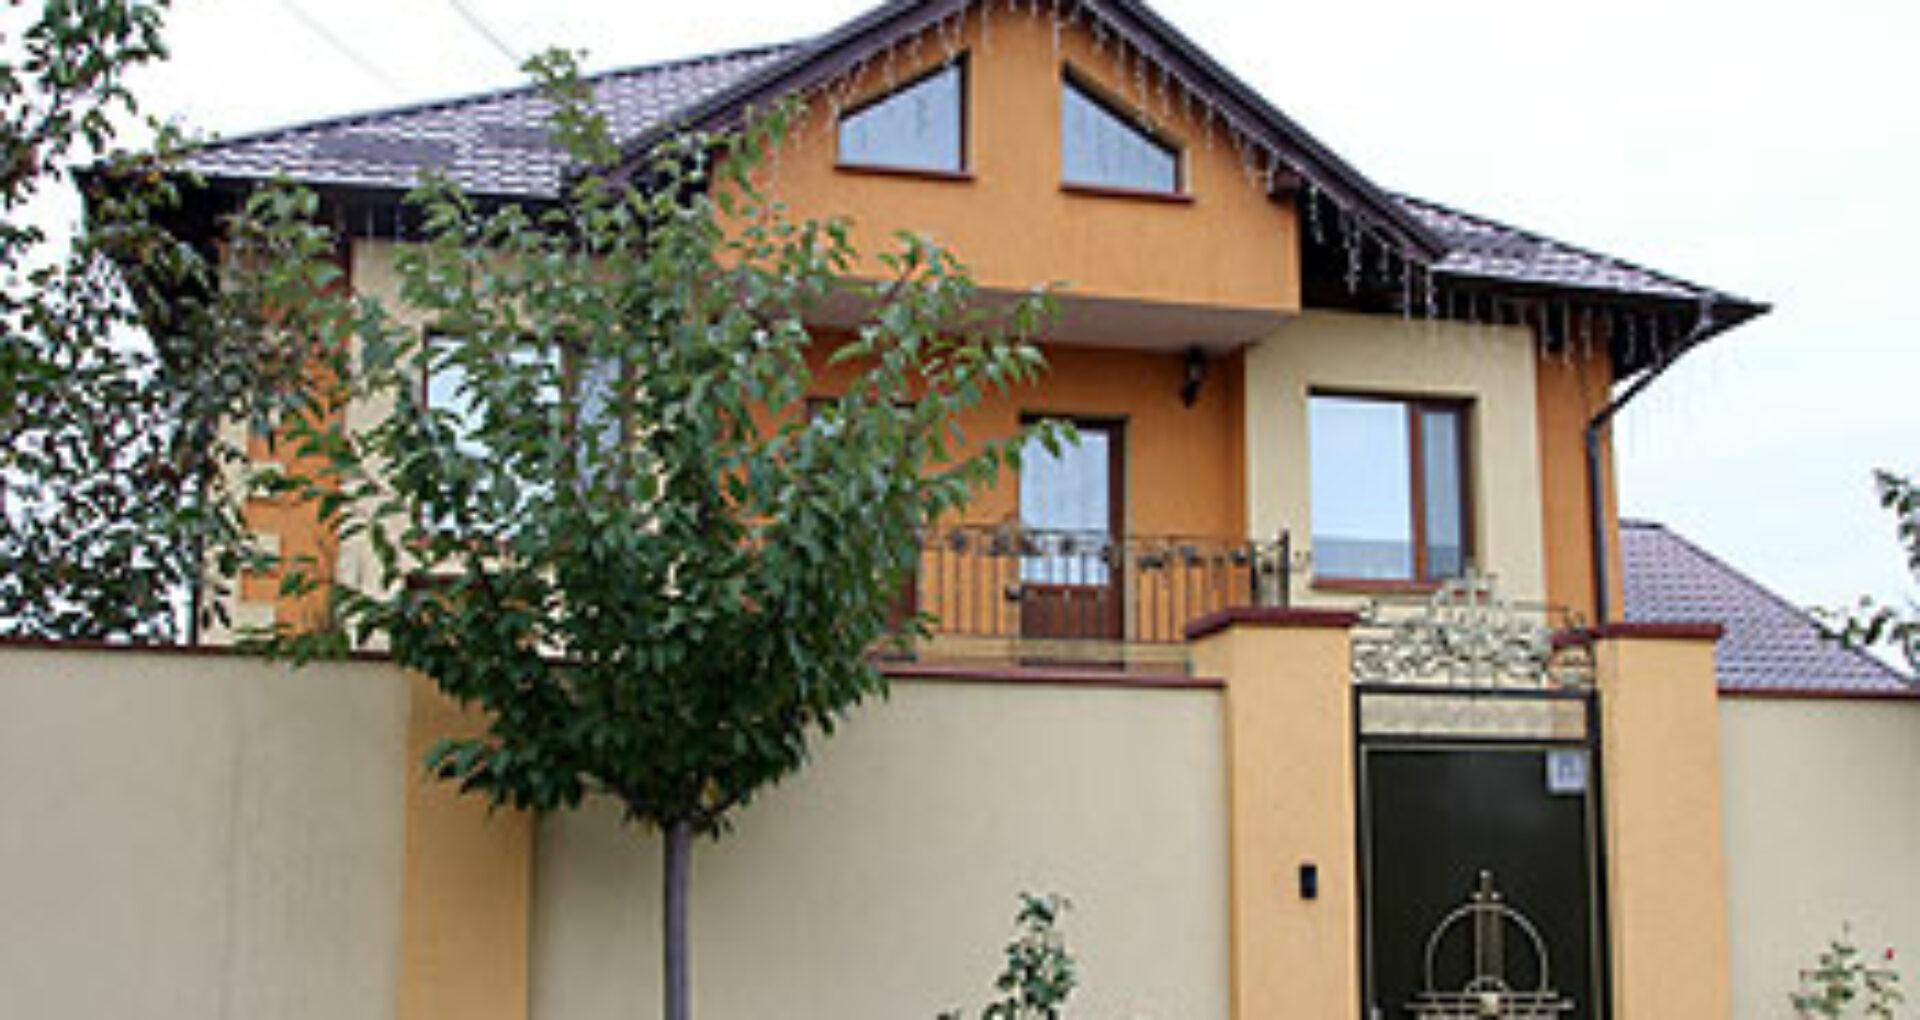 Cum arată casa Lilianei Palihovici, care și-a depus mandatul de deputat și vicepreședinte al Parlamentului